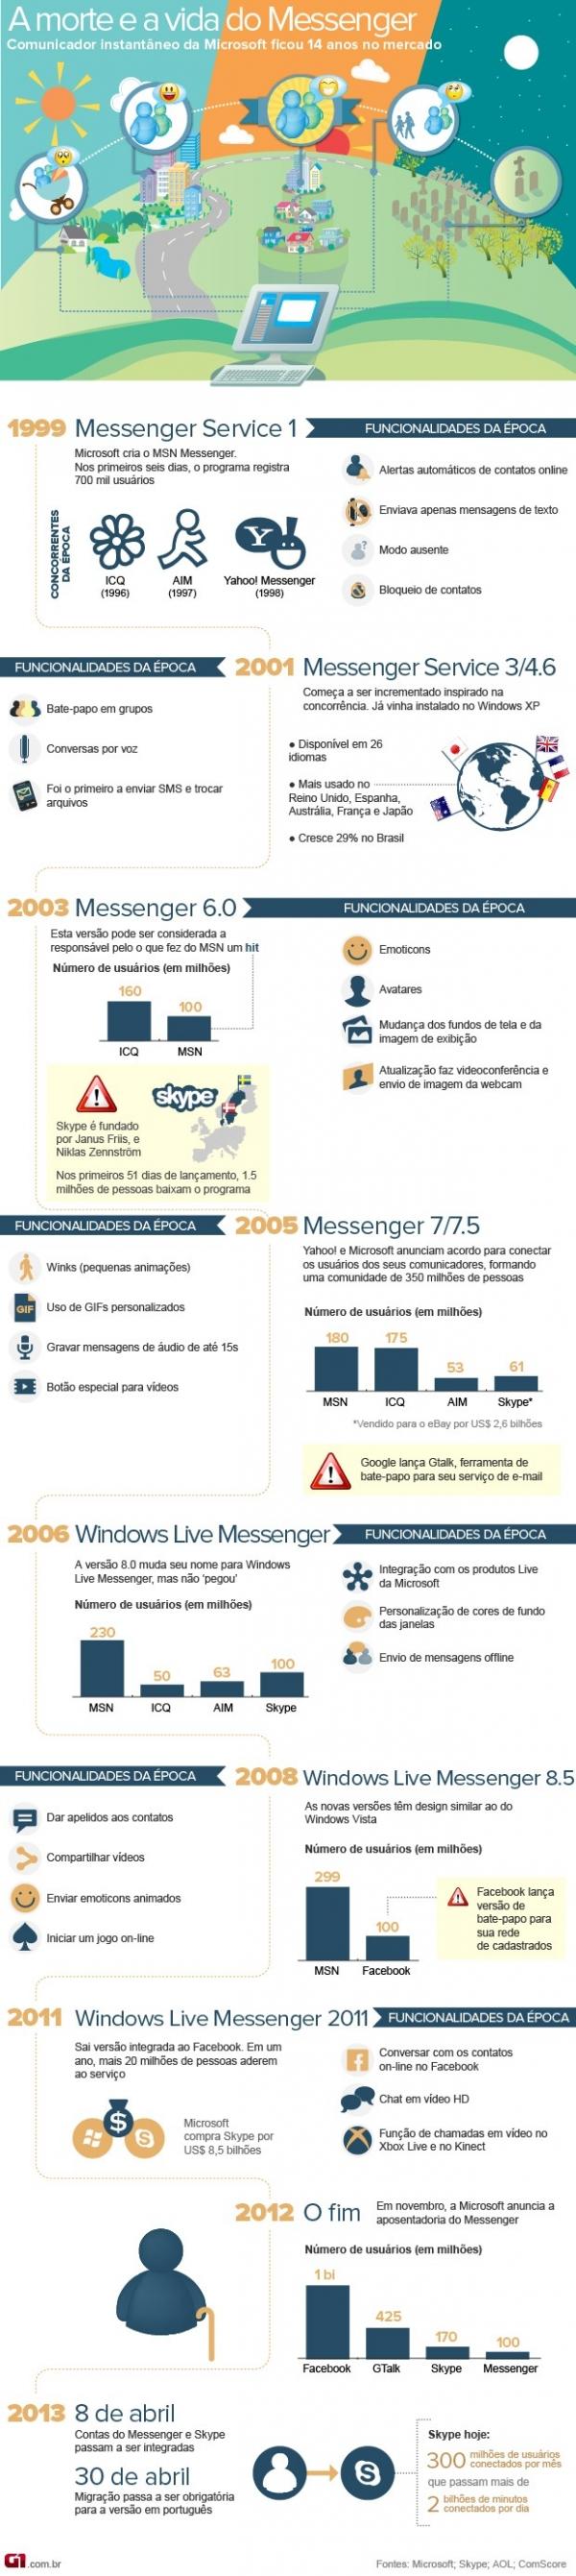 Microsoft aposenta MSN nesta terça-feira; veja história do serviço